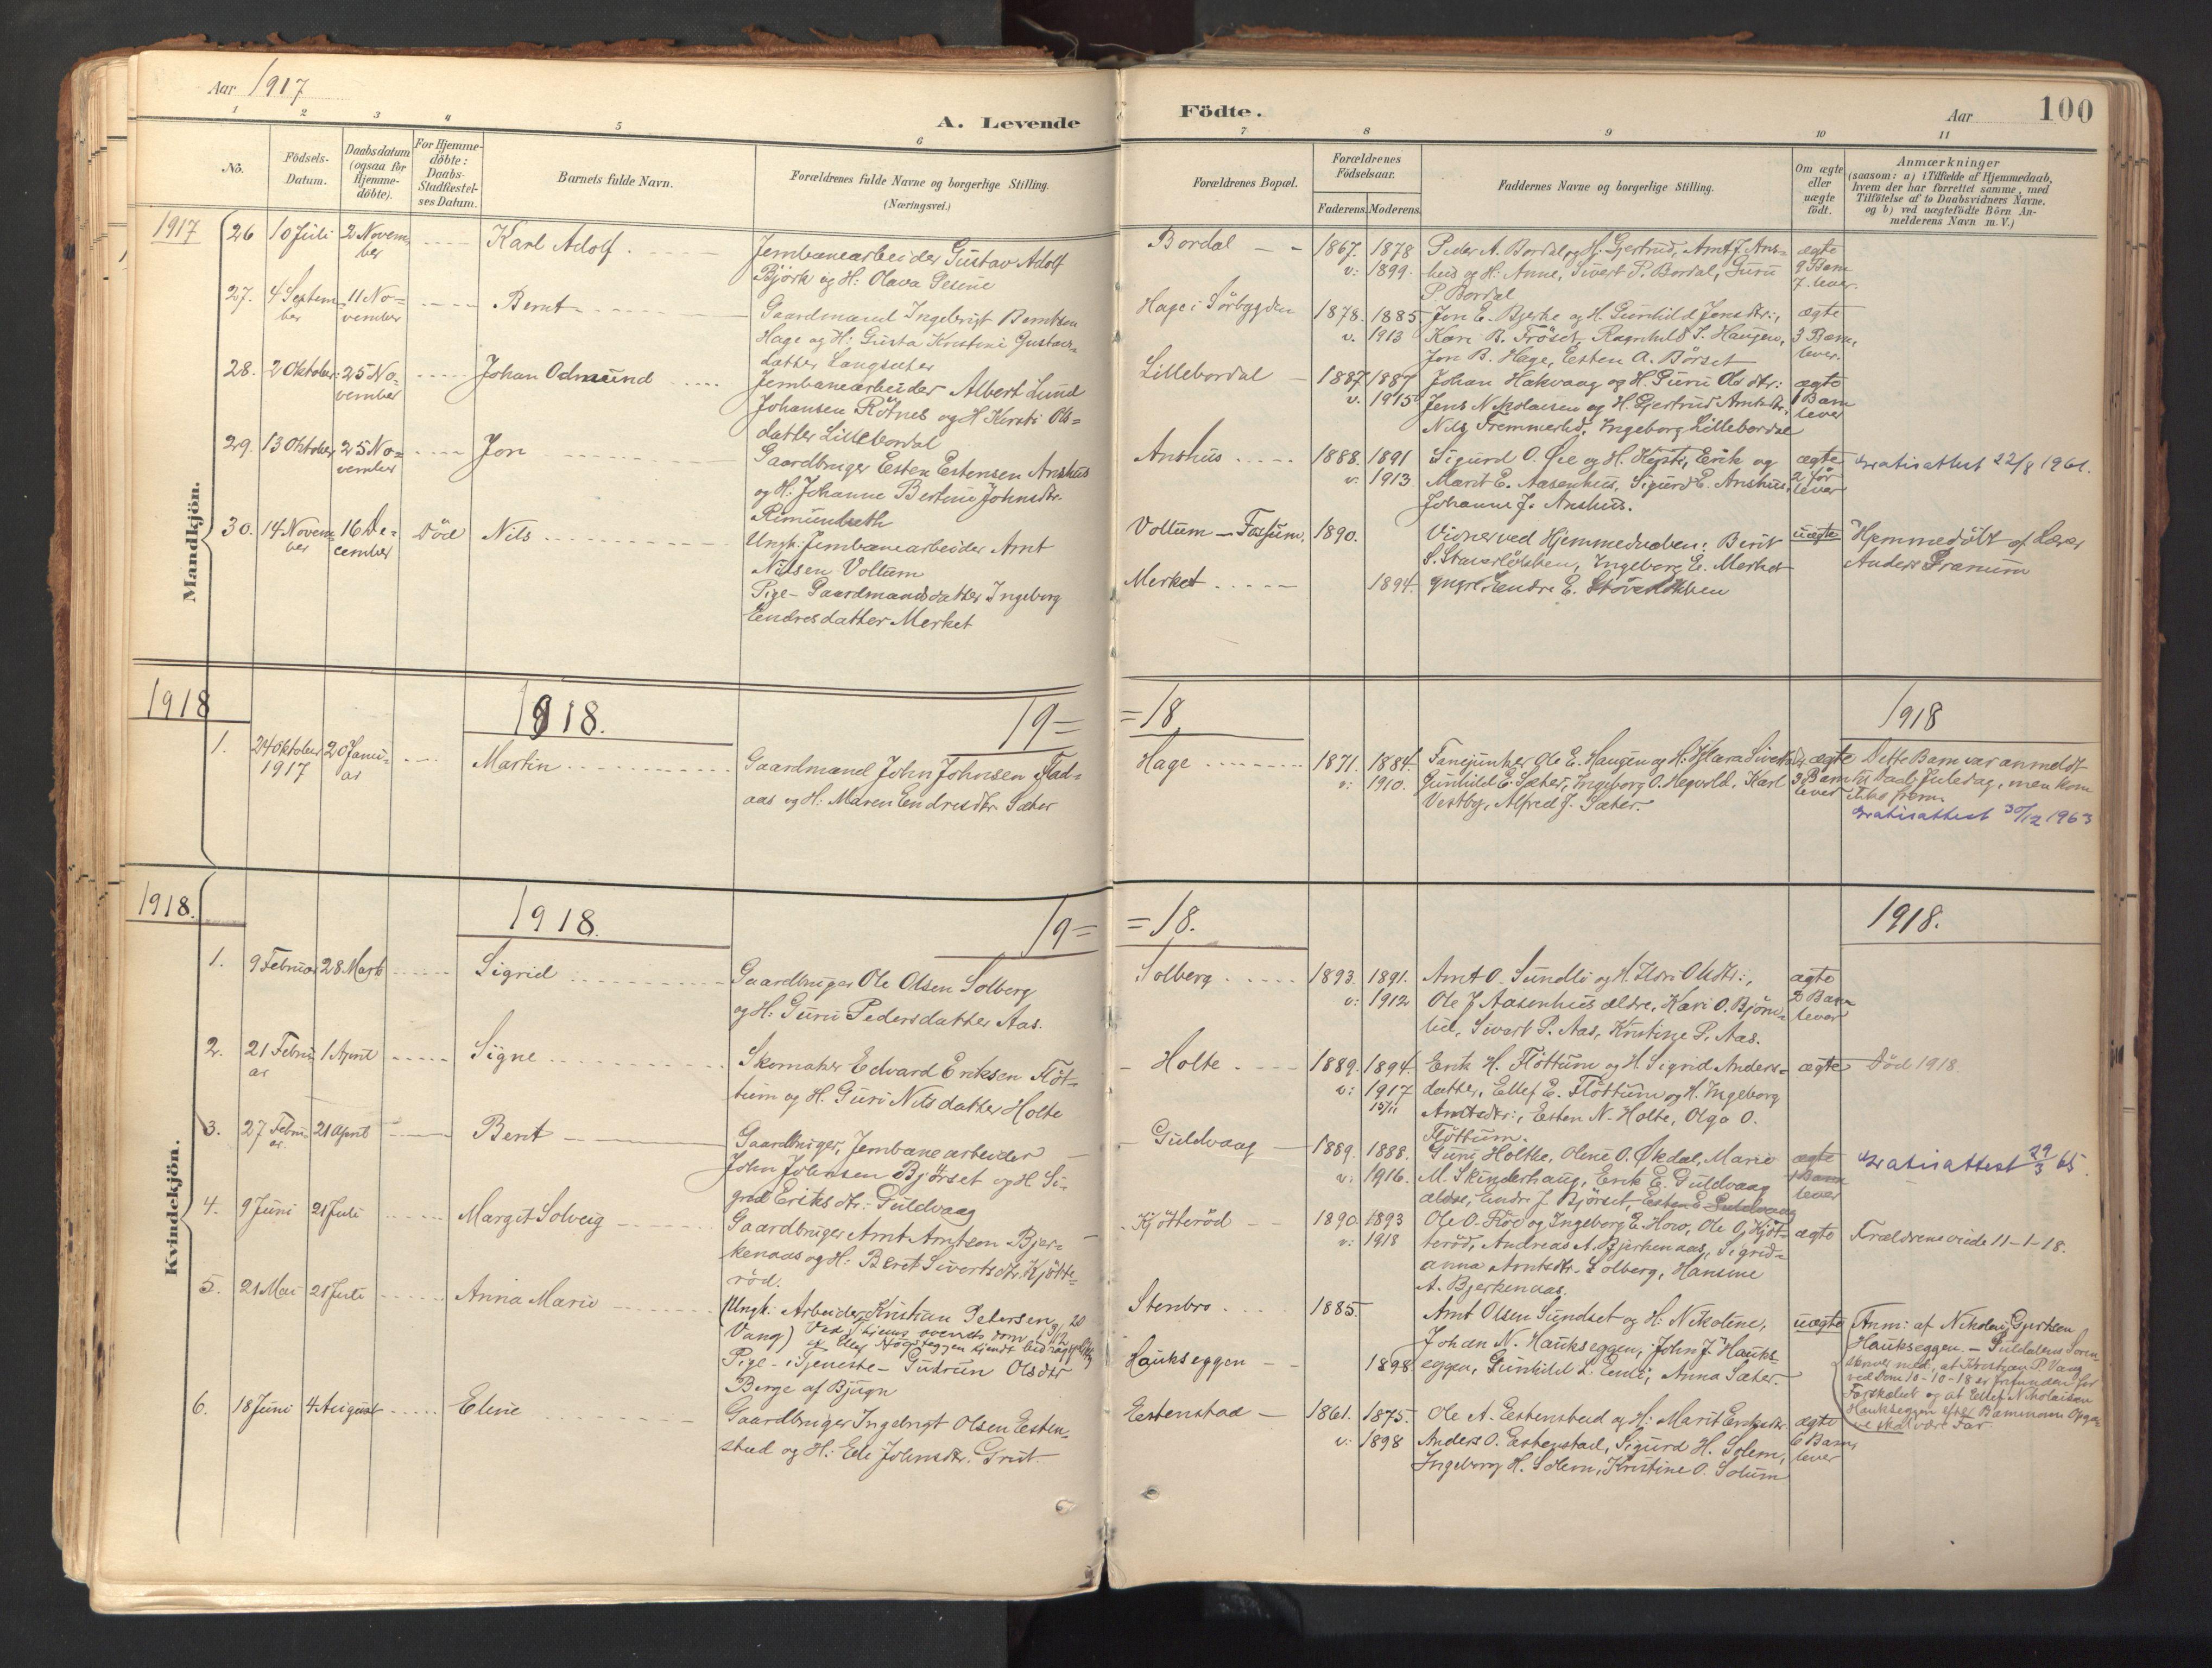 SAT, Ministerialprotokoller, klokkerbøker og fødselsregistre - Sør-Trøndelag, 689/L1041: Ministerialbok nr. 689A06, 1891-1923, s. 100